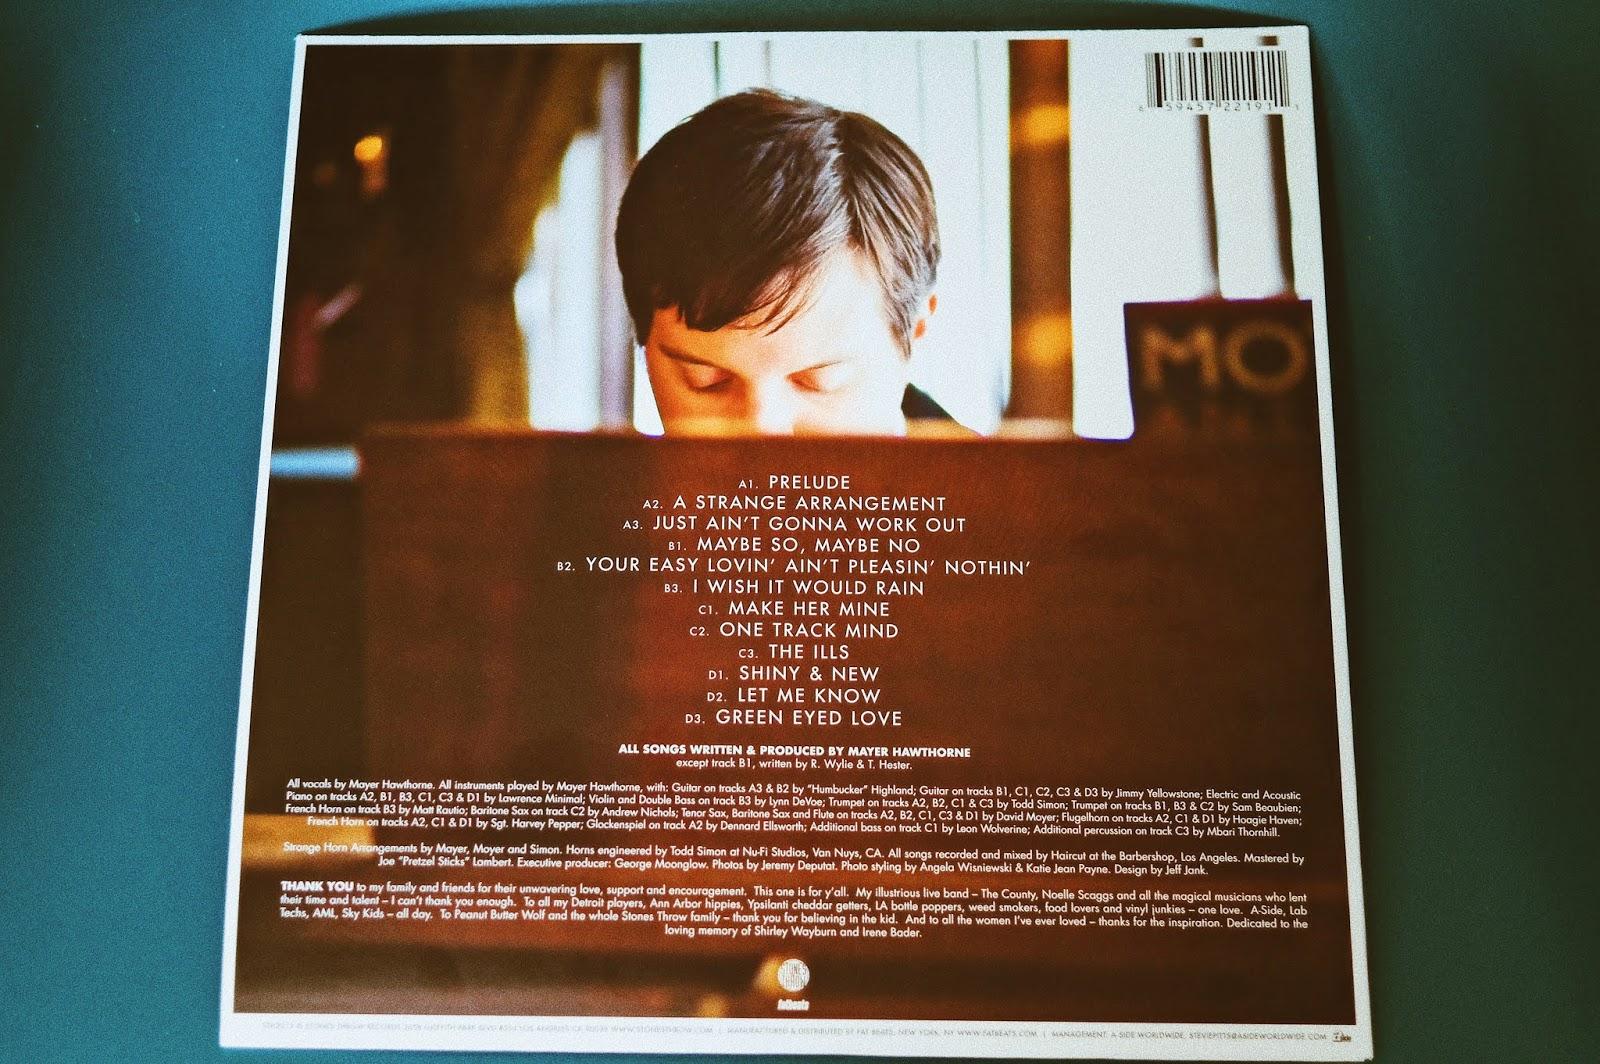 10 Jahre  'A Strange Arrangement' von Mayer Hawthorne. Der Multiinstrumentalist bringt bald wieder ein neues Album heraus, Zeit sich sein Debüt noch mal zu Gemüte zu führen. Ein Plattenküchen Beitrag aus dem Atomlabor Blog.